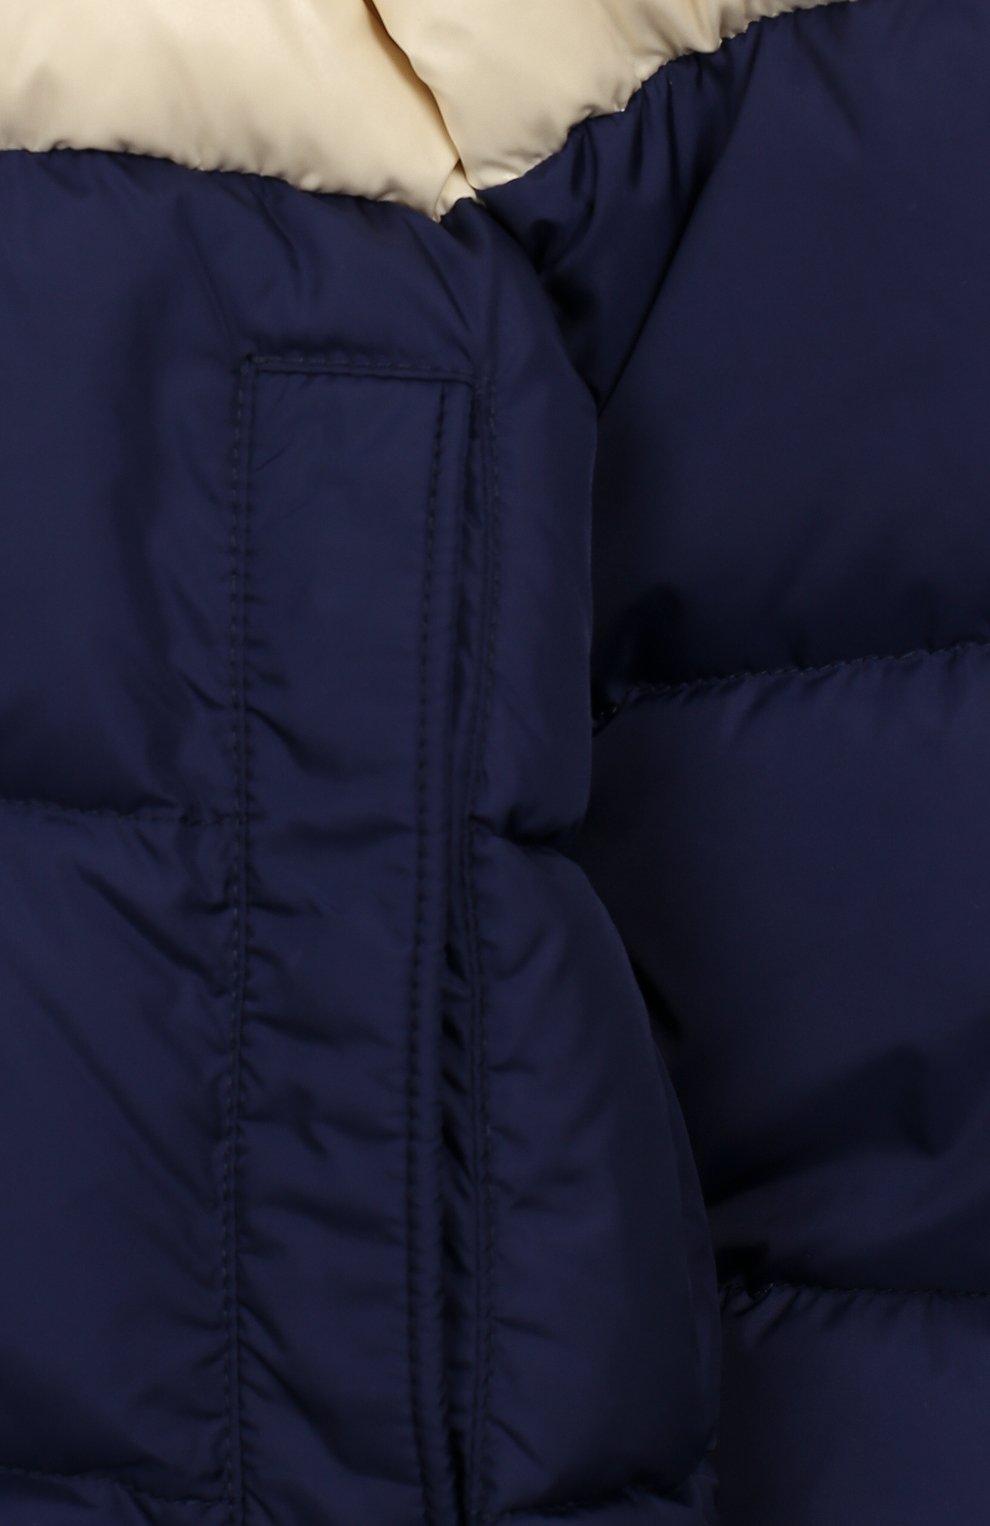 Пуховая куртка с капюшоном | Фото №3